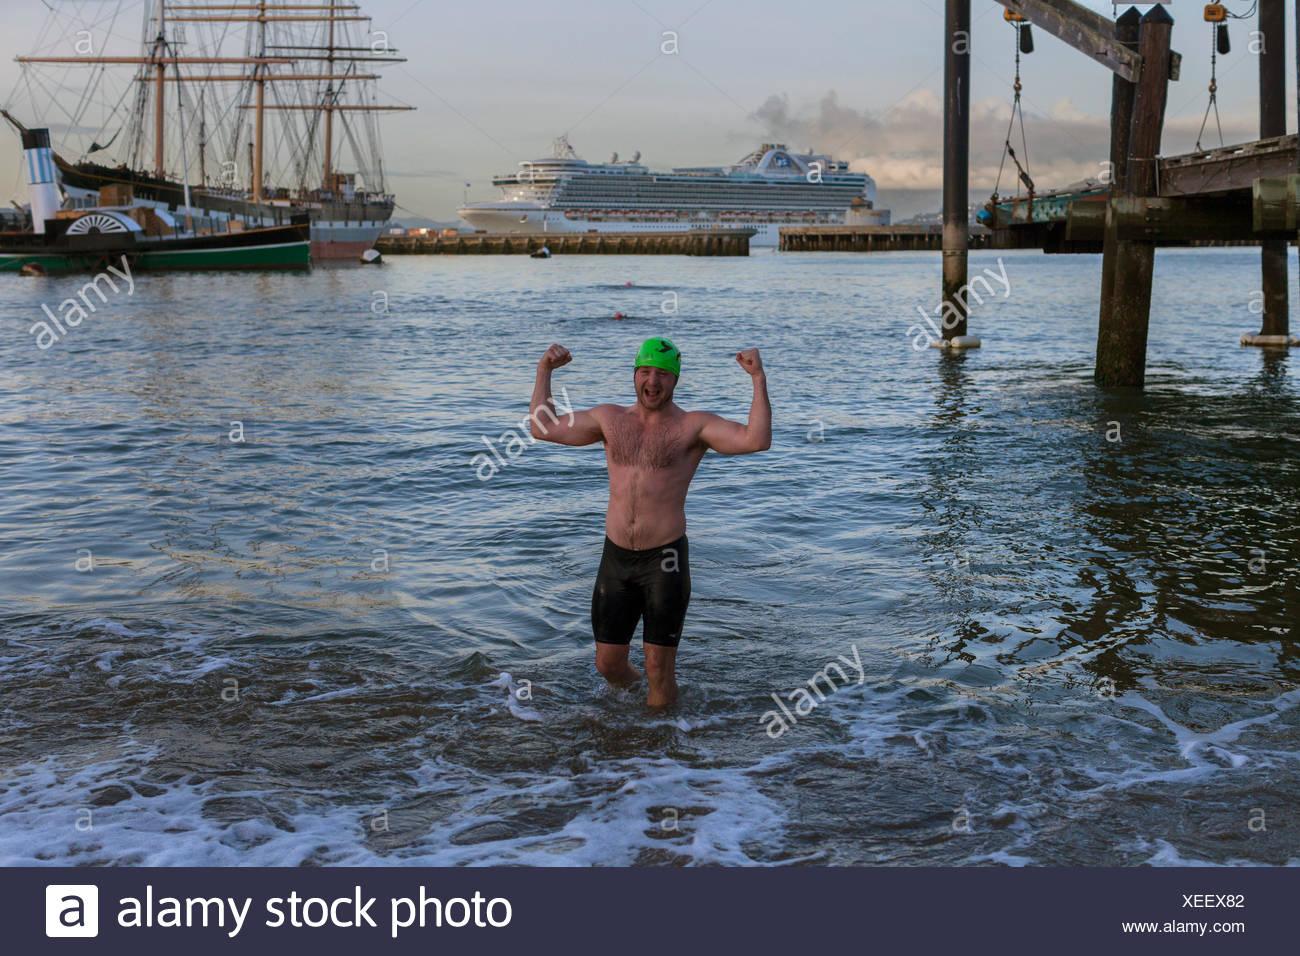 Hombre en natación troncos flexionando los músculos mientras está de pie en el agua, el Dolphin club, san Francisco, California, EE.UU. Imagen De Stock